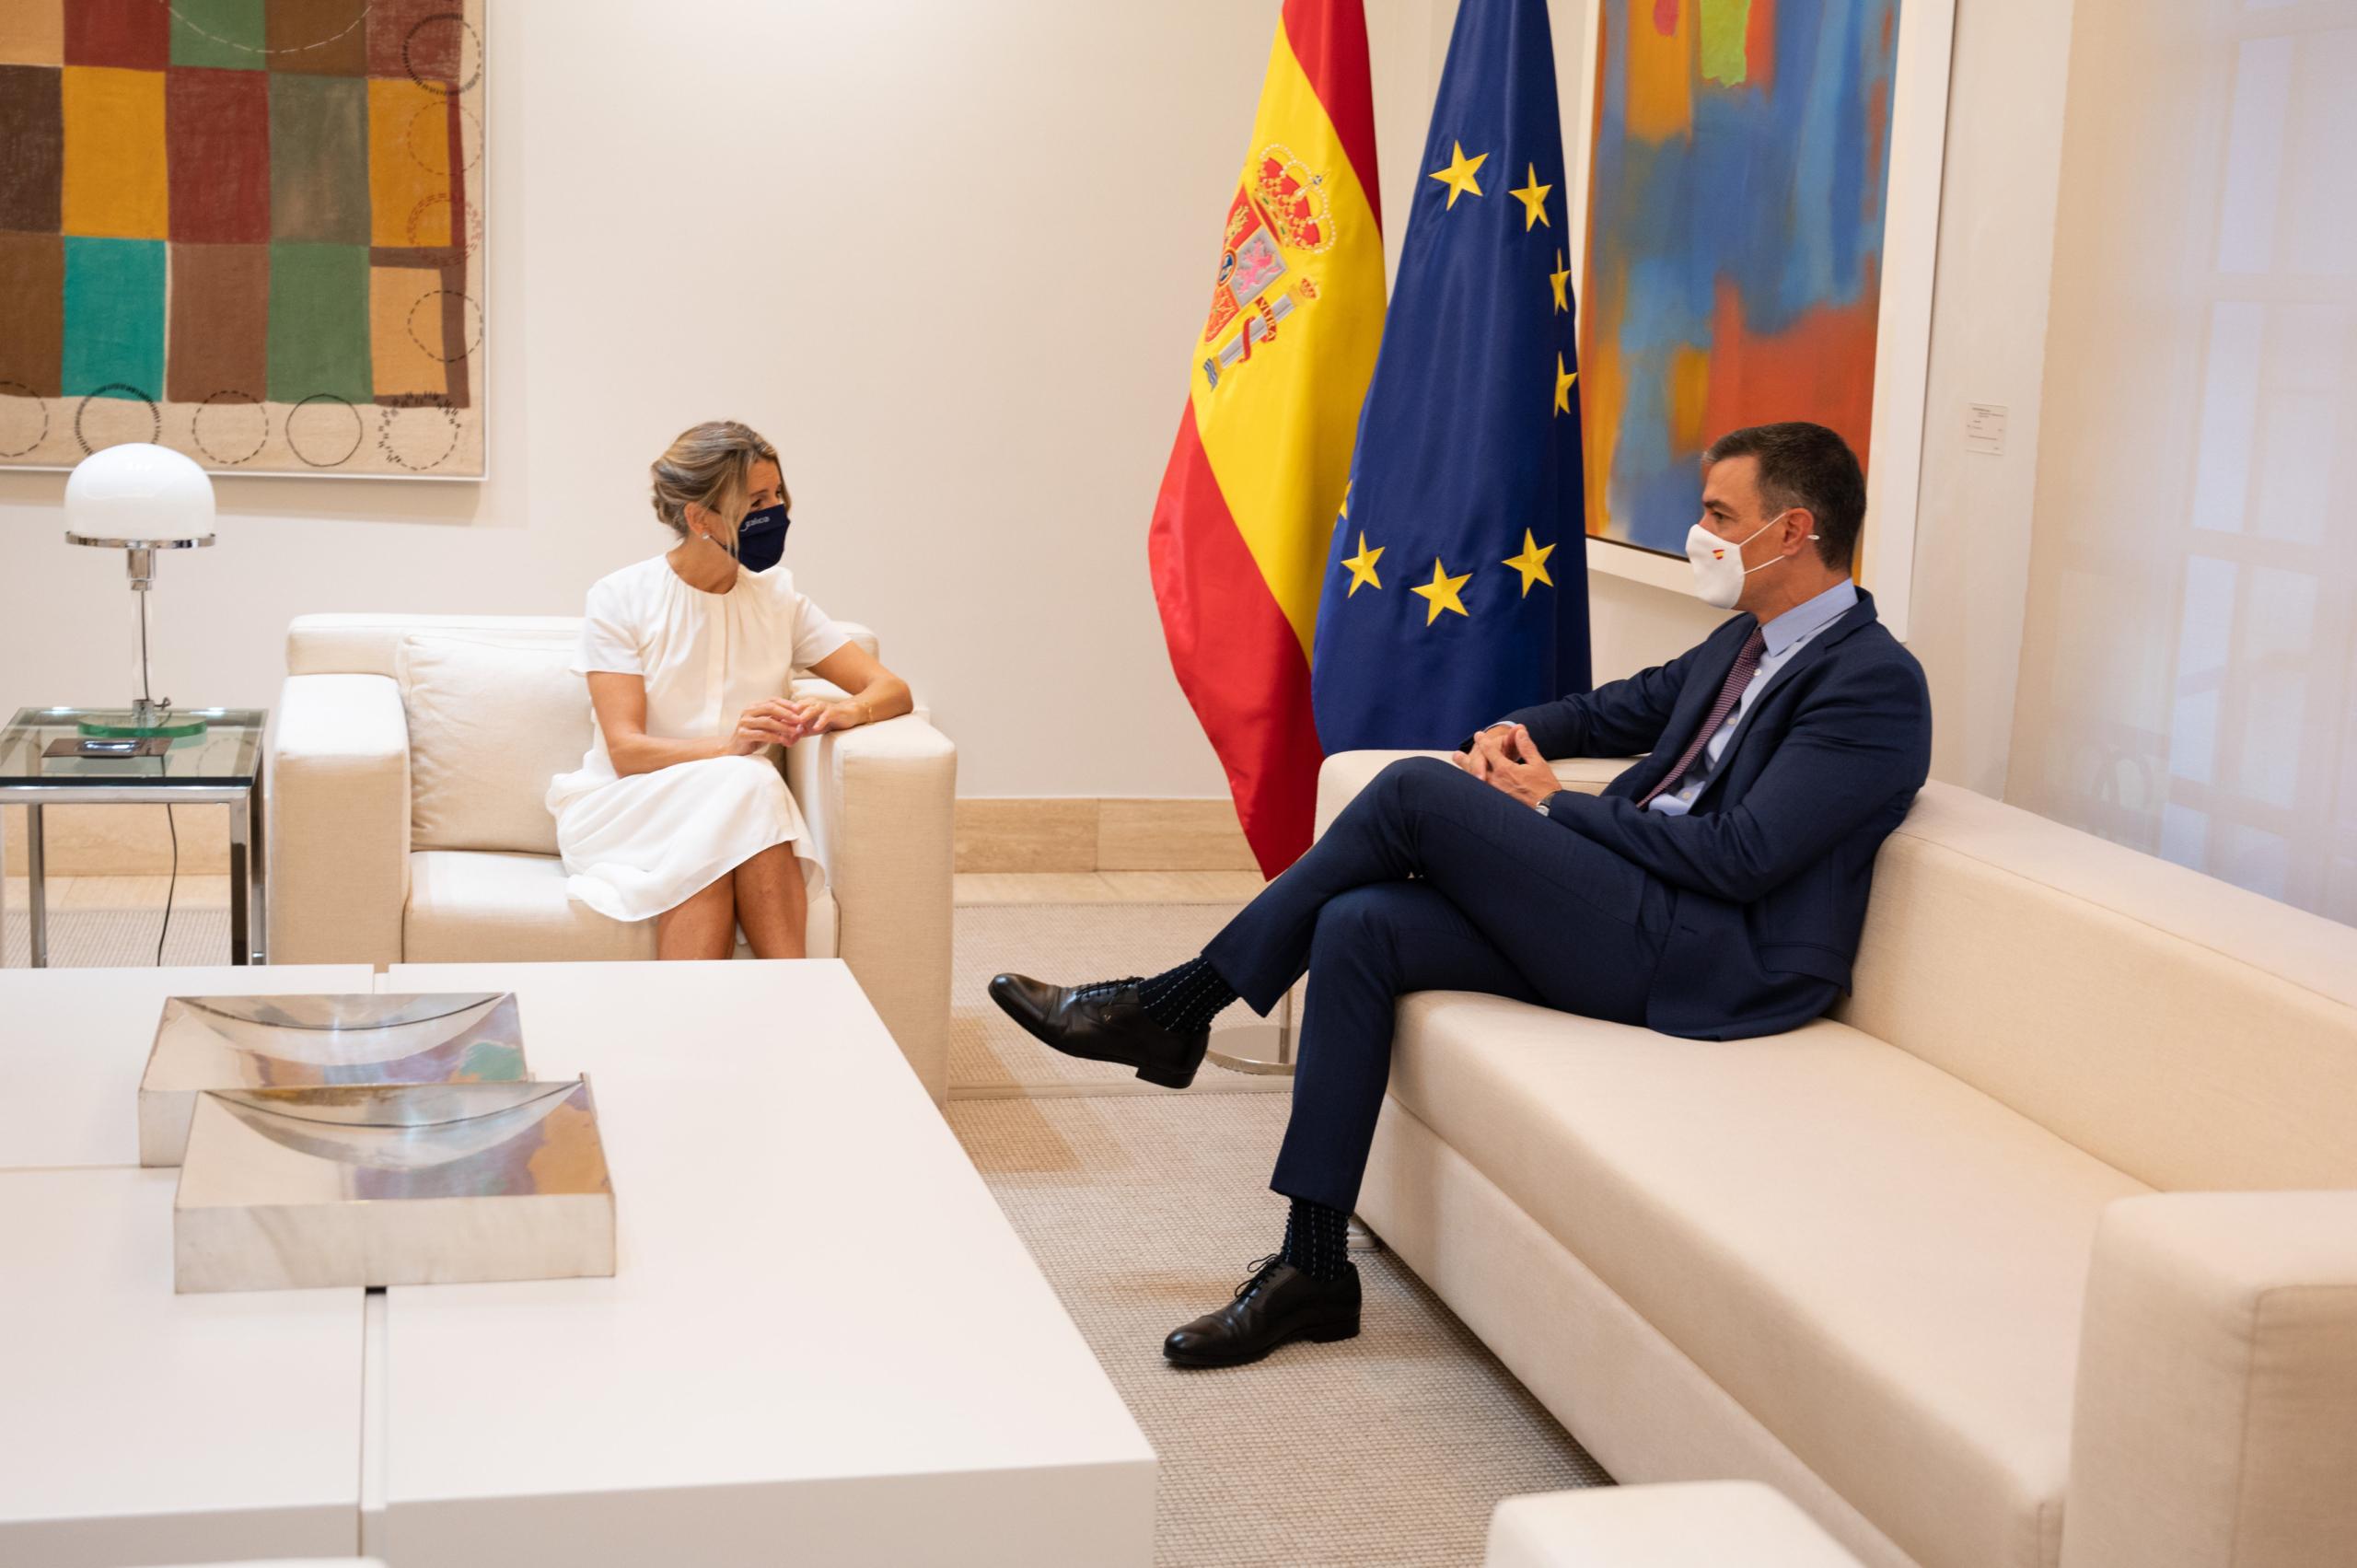 El president del govern espanyol, Pedro Sánchez i la vicepresidenta segona, Yolanda Díaz, al Palau de la Moncloa (ACN)